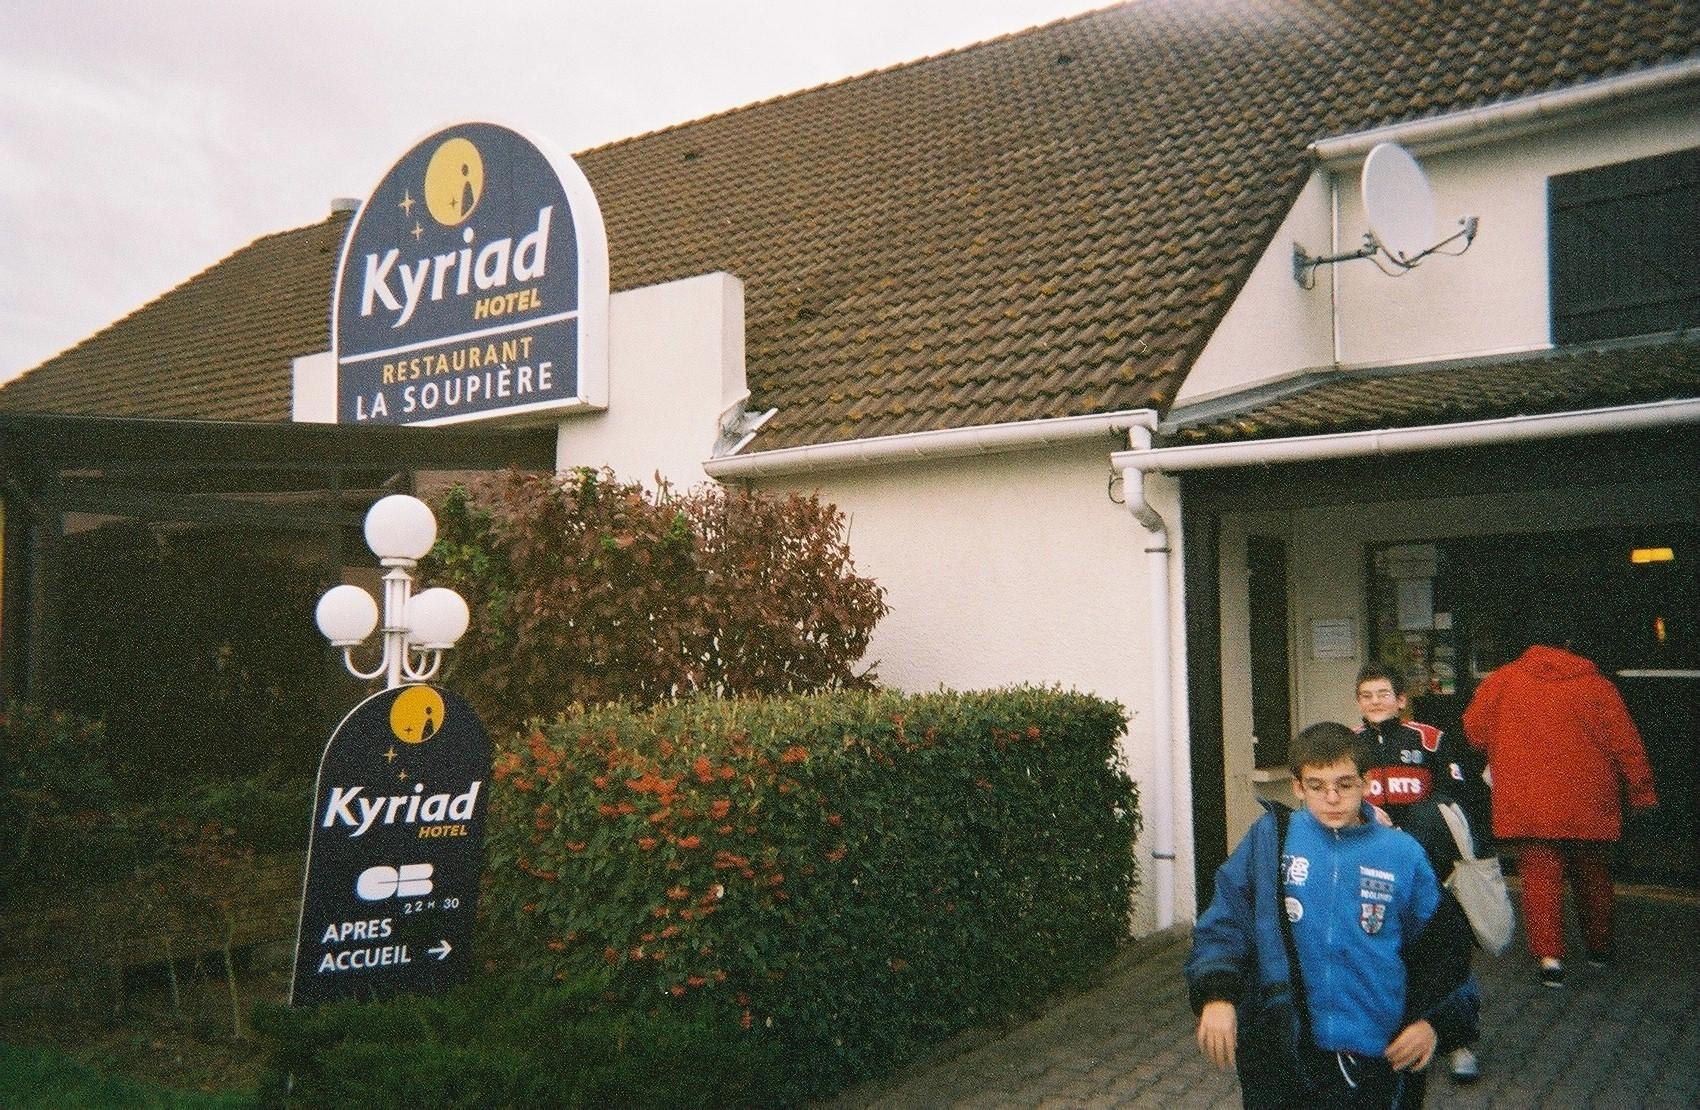 caen kyriad hotel boys and MF 2011